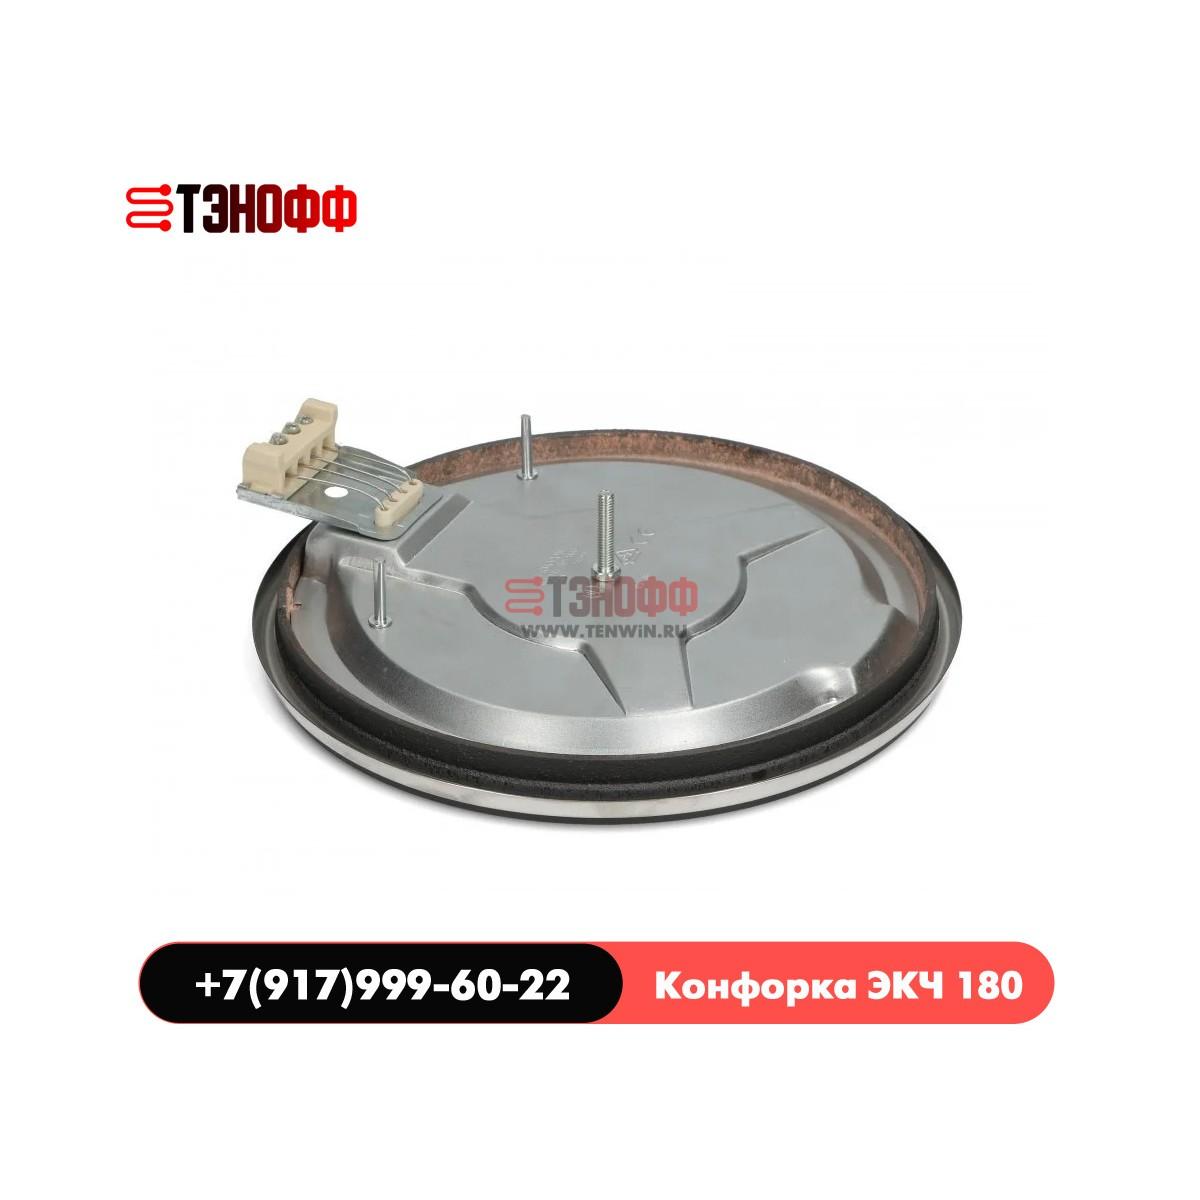 Конфорка 1.5 кВт / ЭКЧ 180мм круглая, чугунная